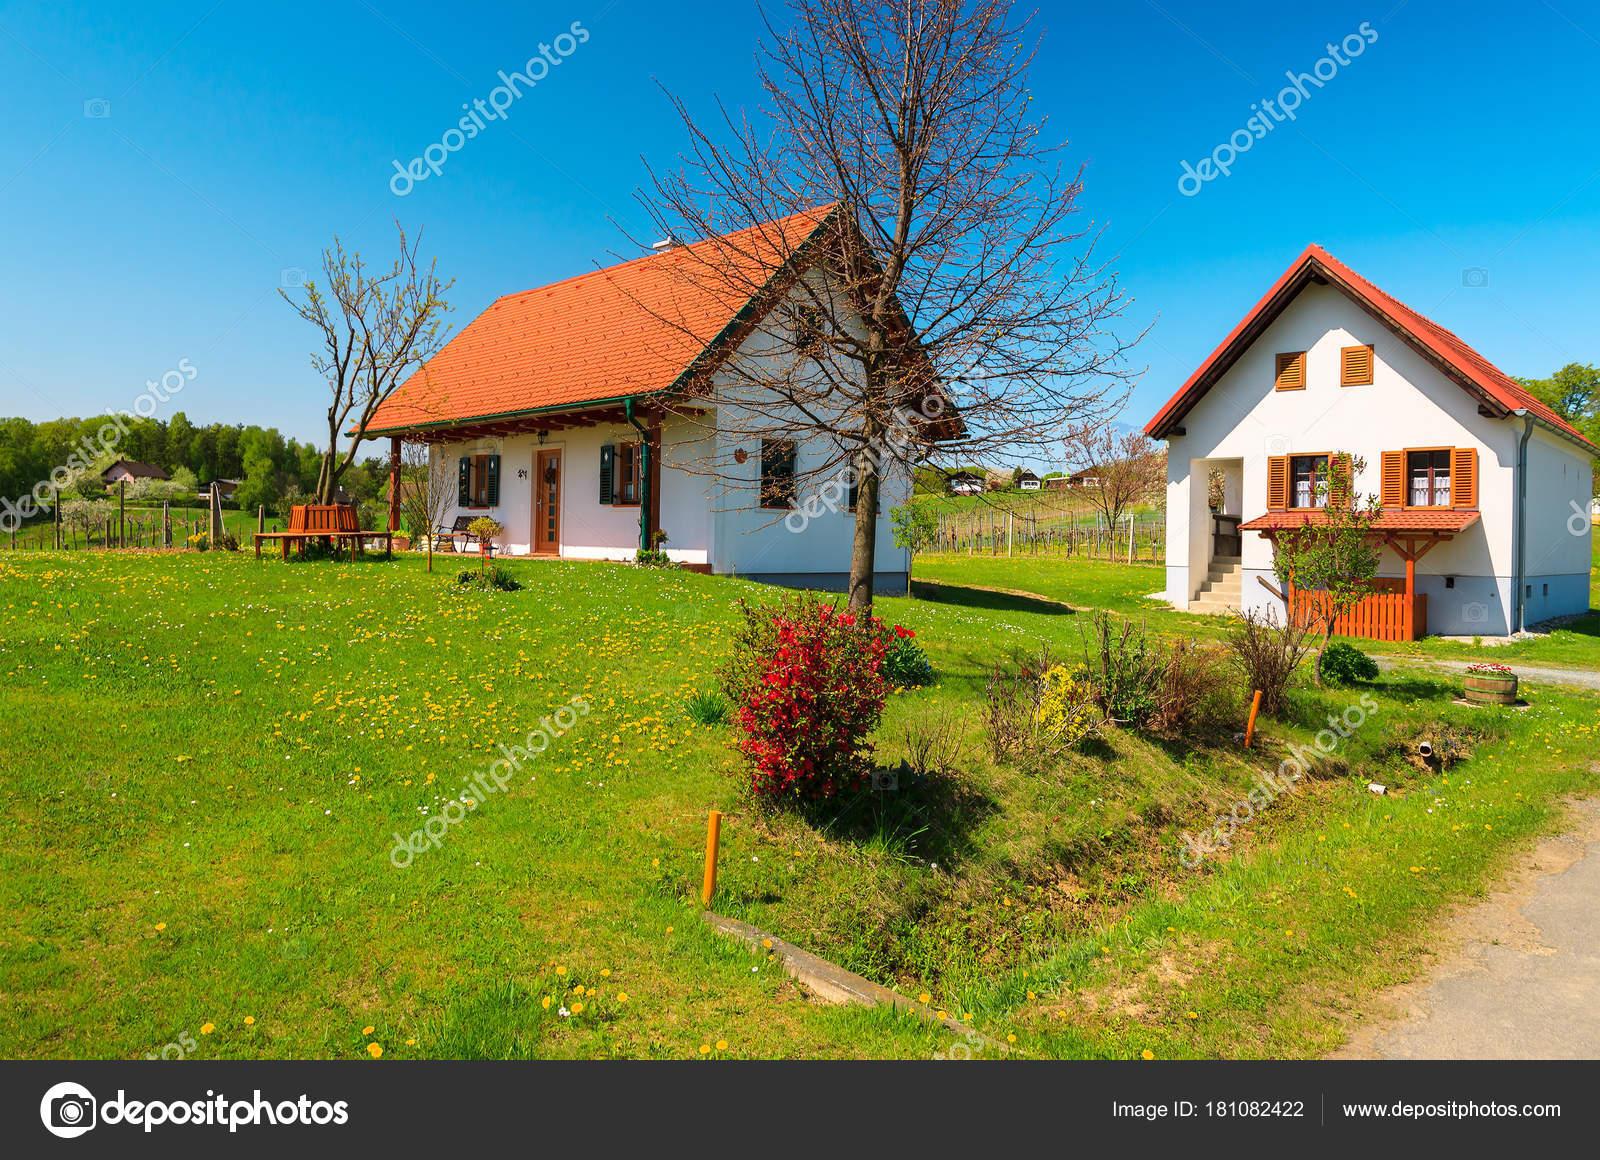 Tradicionales casas campo verde paisaje rural primavera - Casas rurales de madera ...